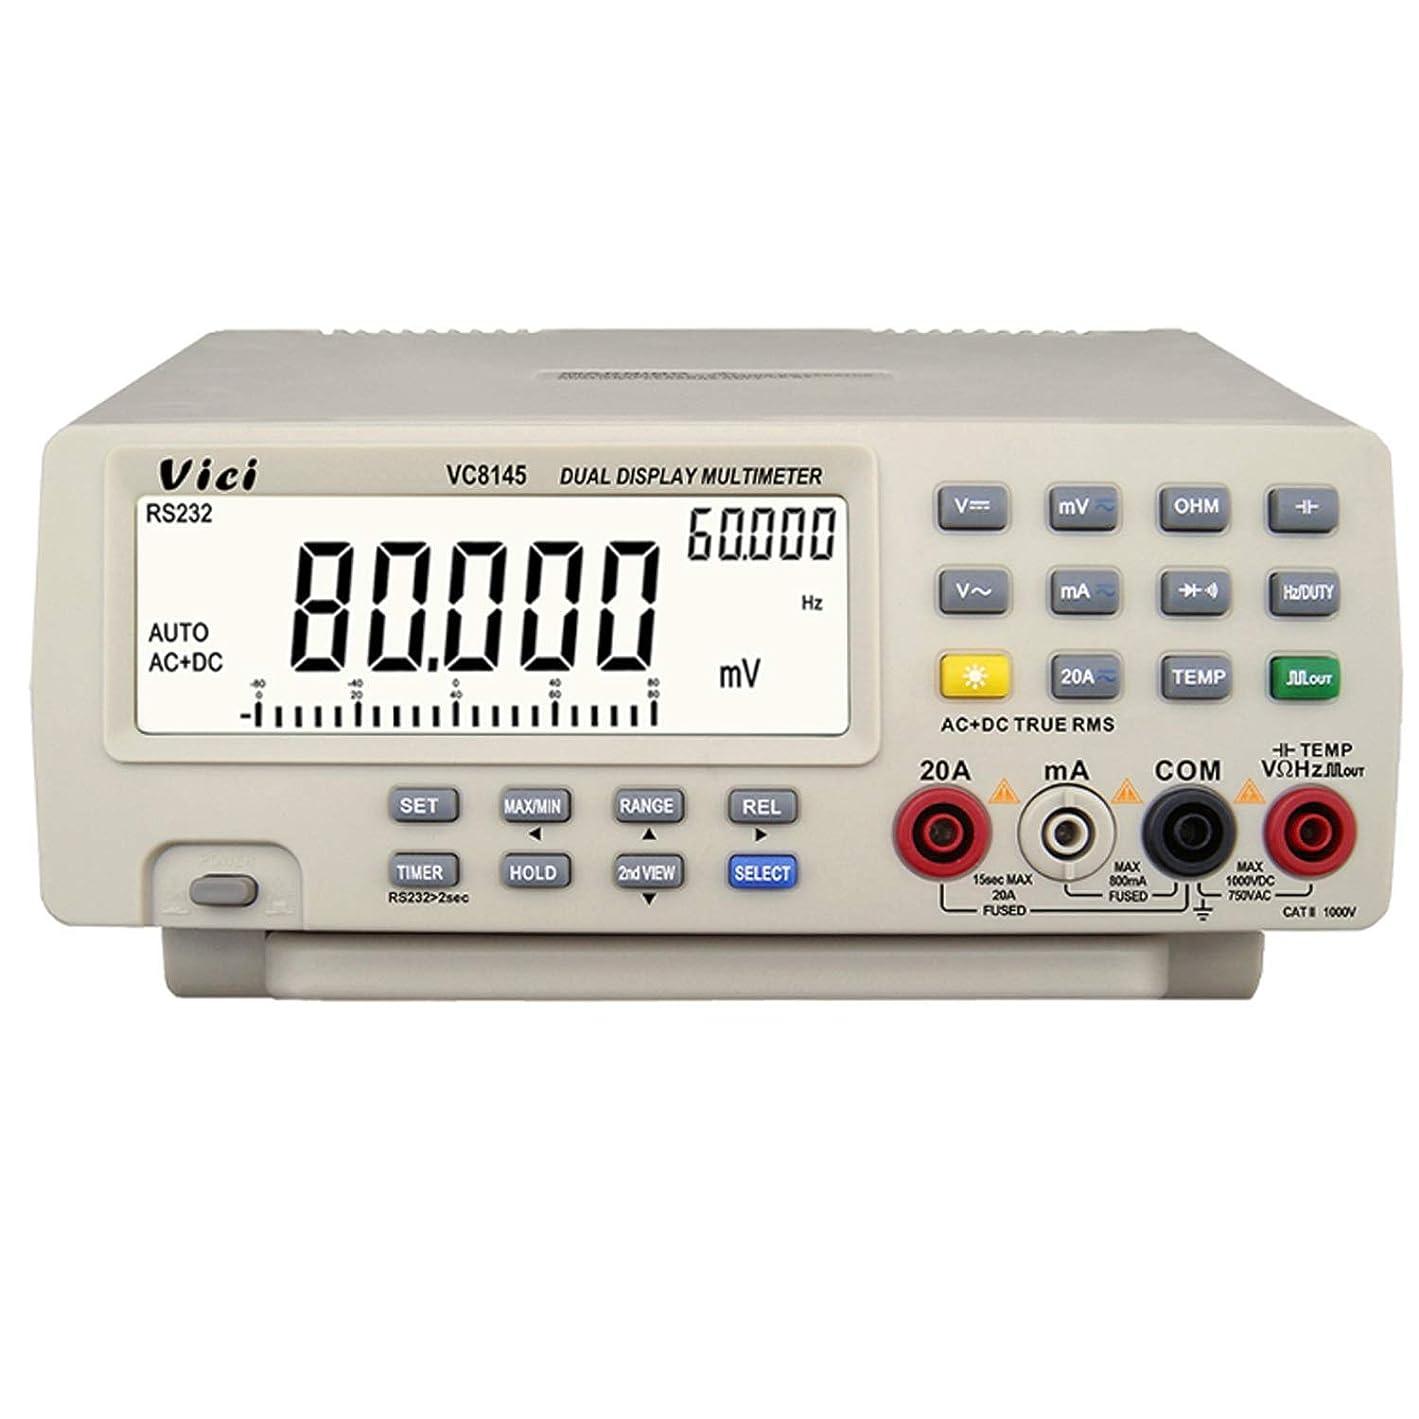 精巧なアラブ人ペルー精密測定器 マルチメーター オートレンジ 80000カウント デジタル?マルチメーター テスター バックライト デジタル電圧計 VC8145 (Edition : EU Plug)